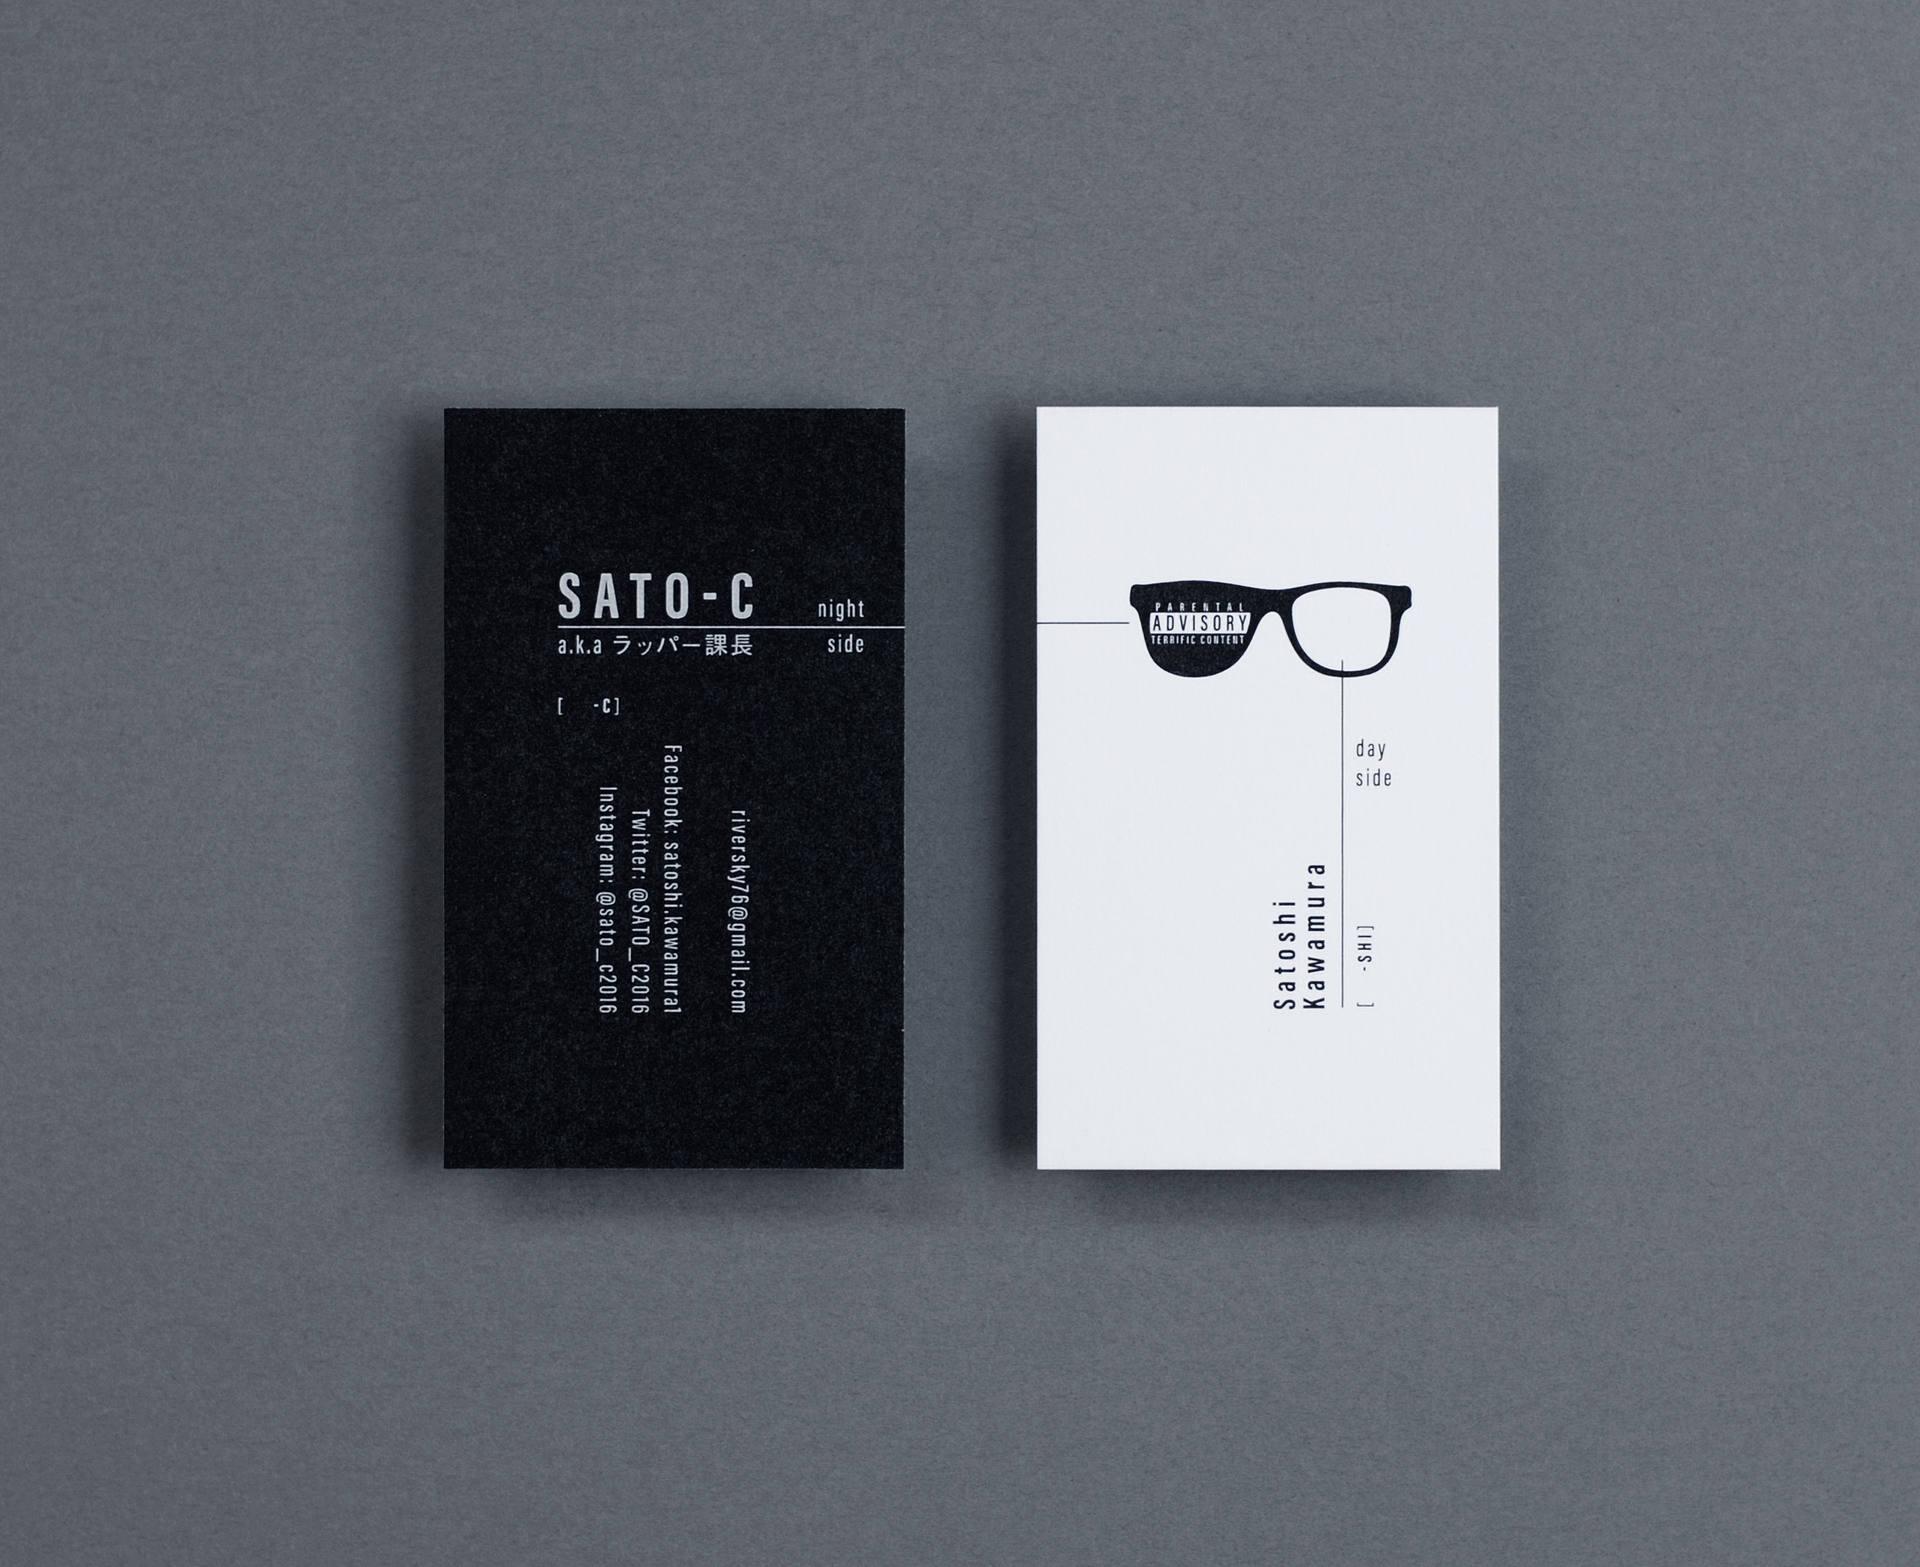 SATO-C 名刺デザイン